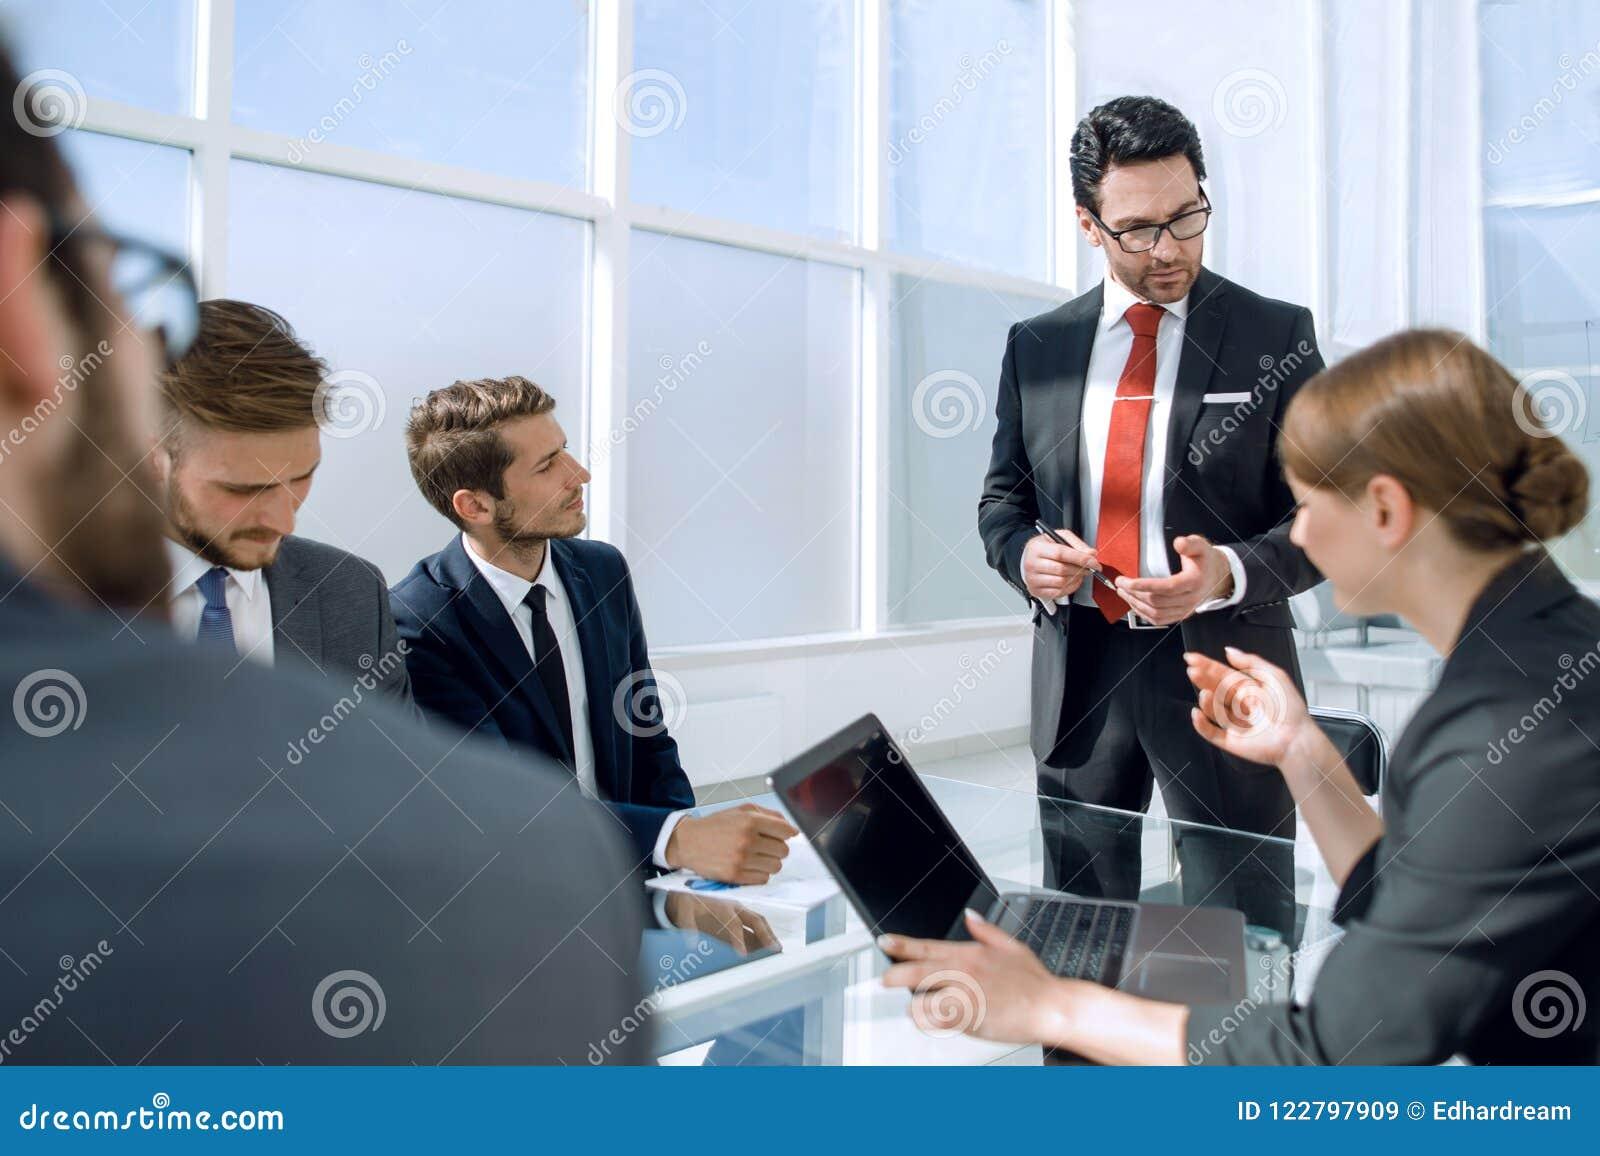 Geschäftsmann hält eine Anweisung mit dem Geschäftsteam